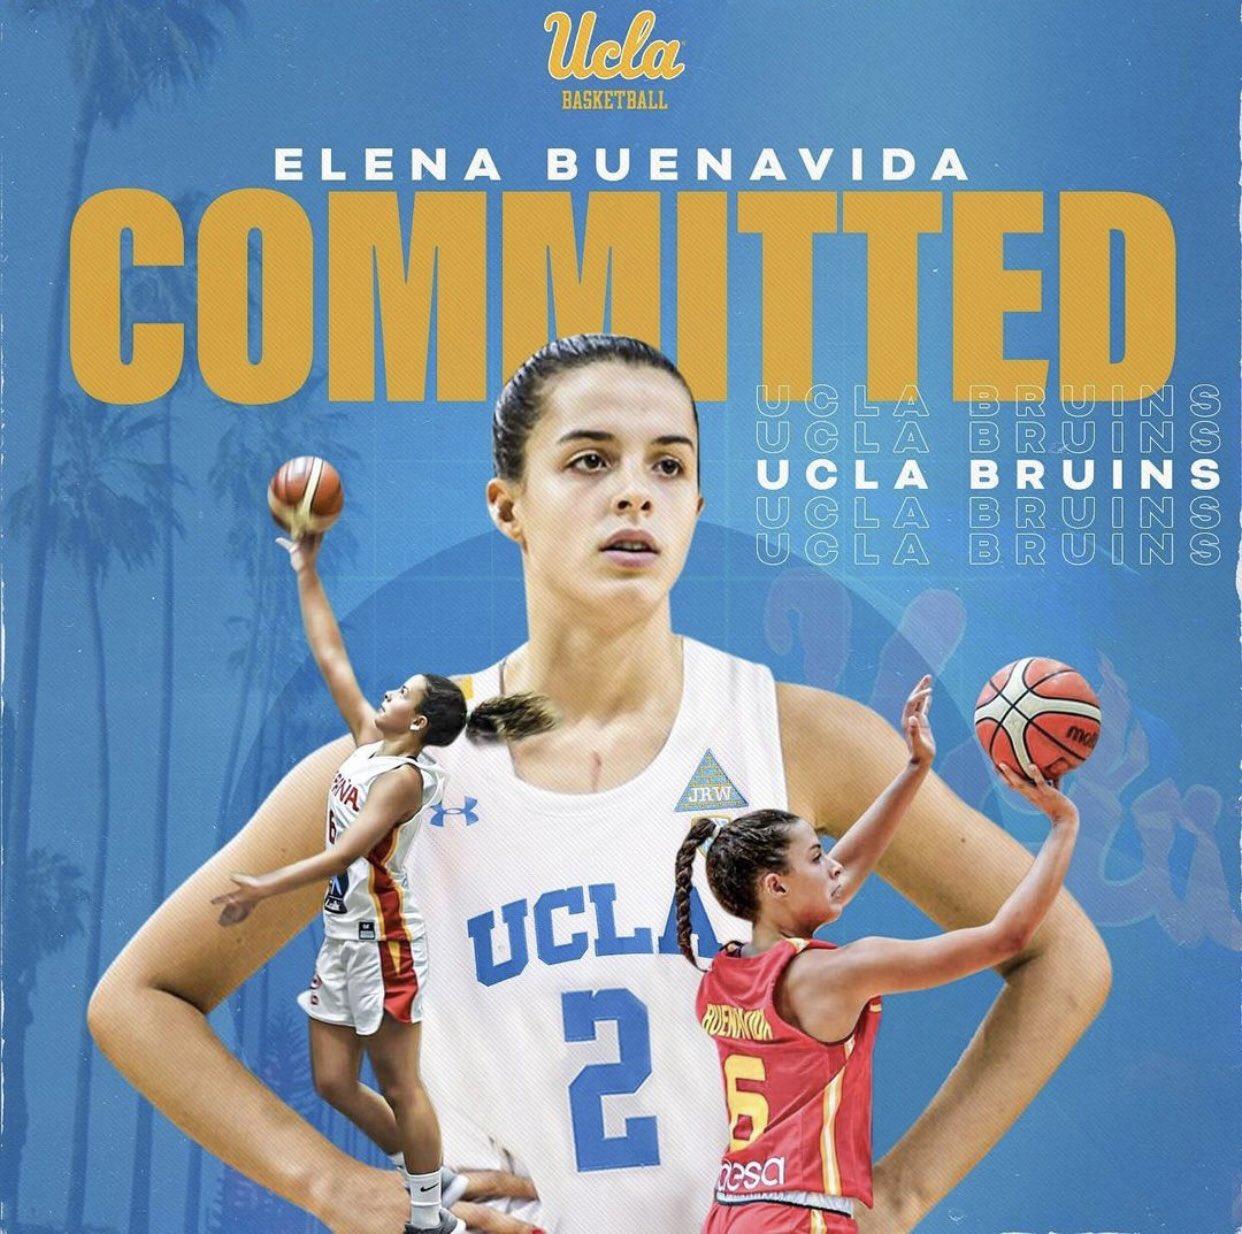 La tinerfeña Elena Buenavida jugará la próxima temporada en UCLA